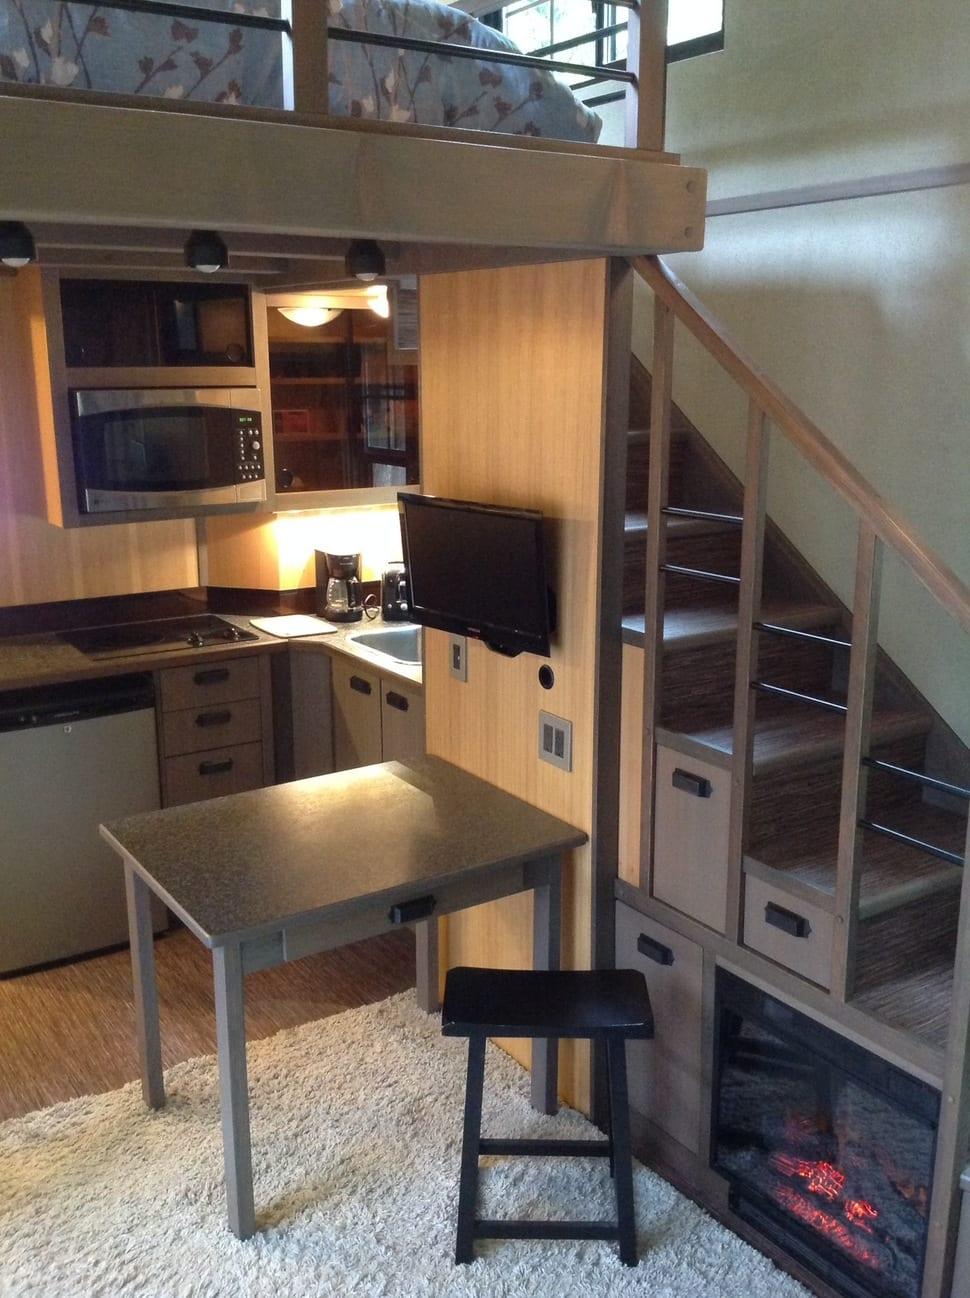 einraumwohnung mit kleiner küche und treppe zum schlafbereich-holztreppe mit eingebauten schubladen